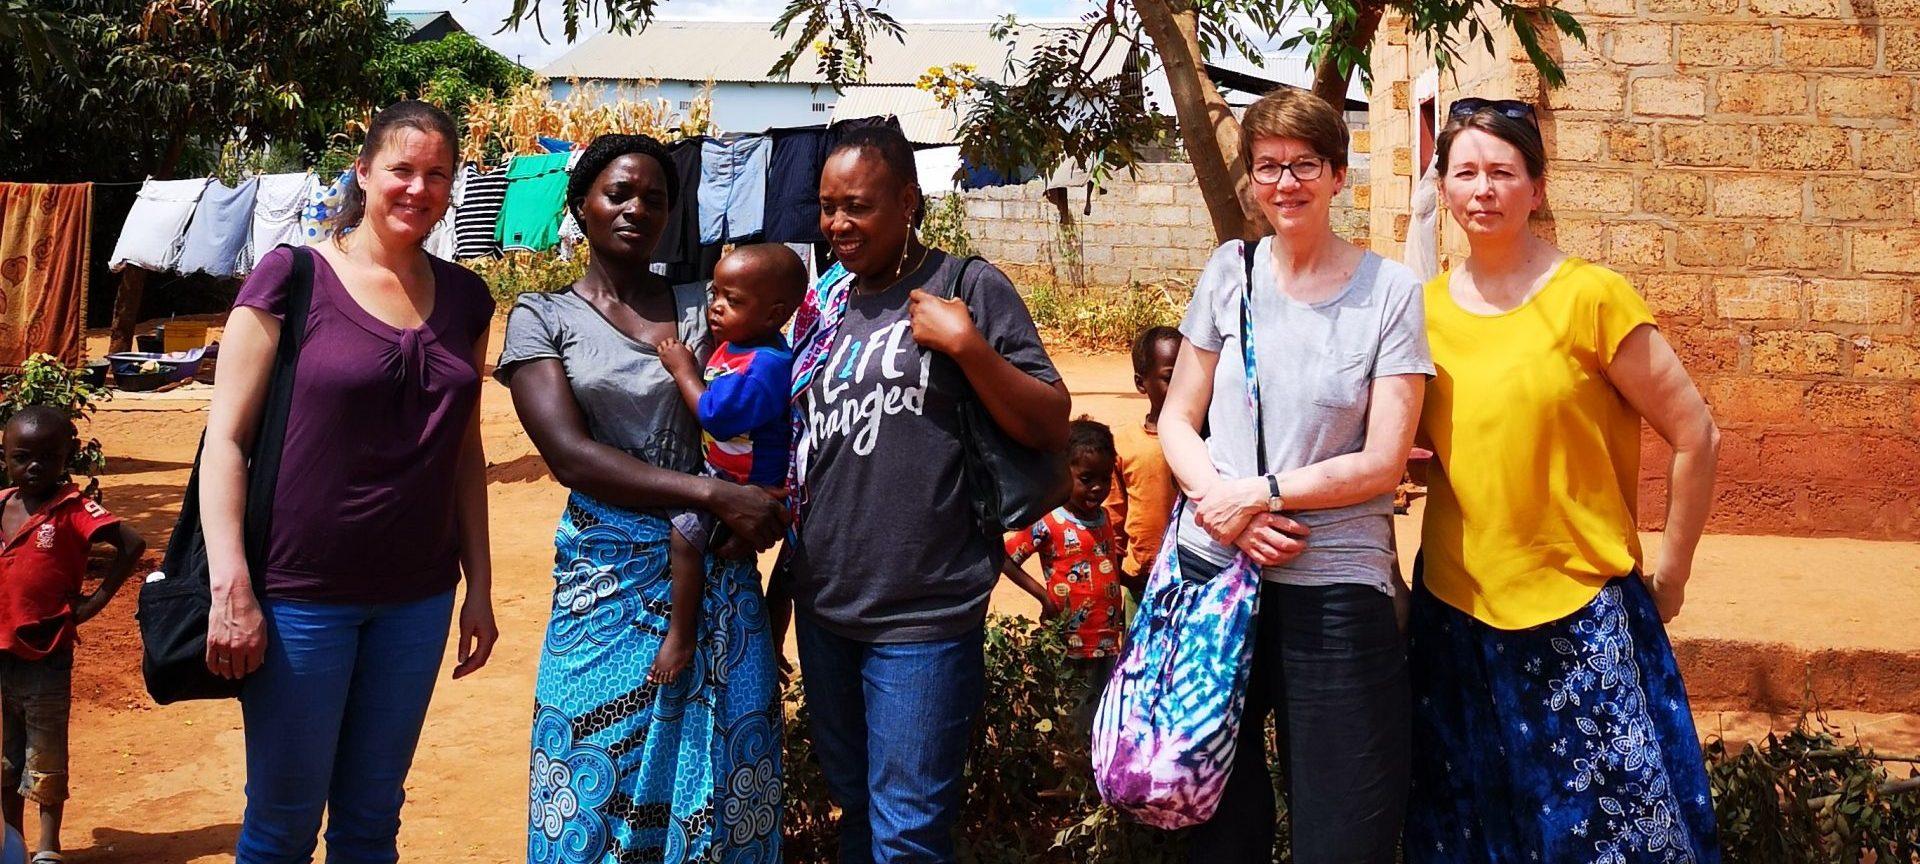 Tre representanter fra internasjonalt utvalg i foreningen sammen med to afrikanske kvinner i Zambia.